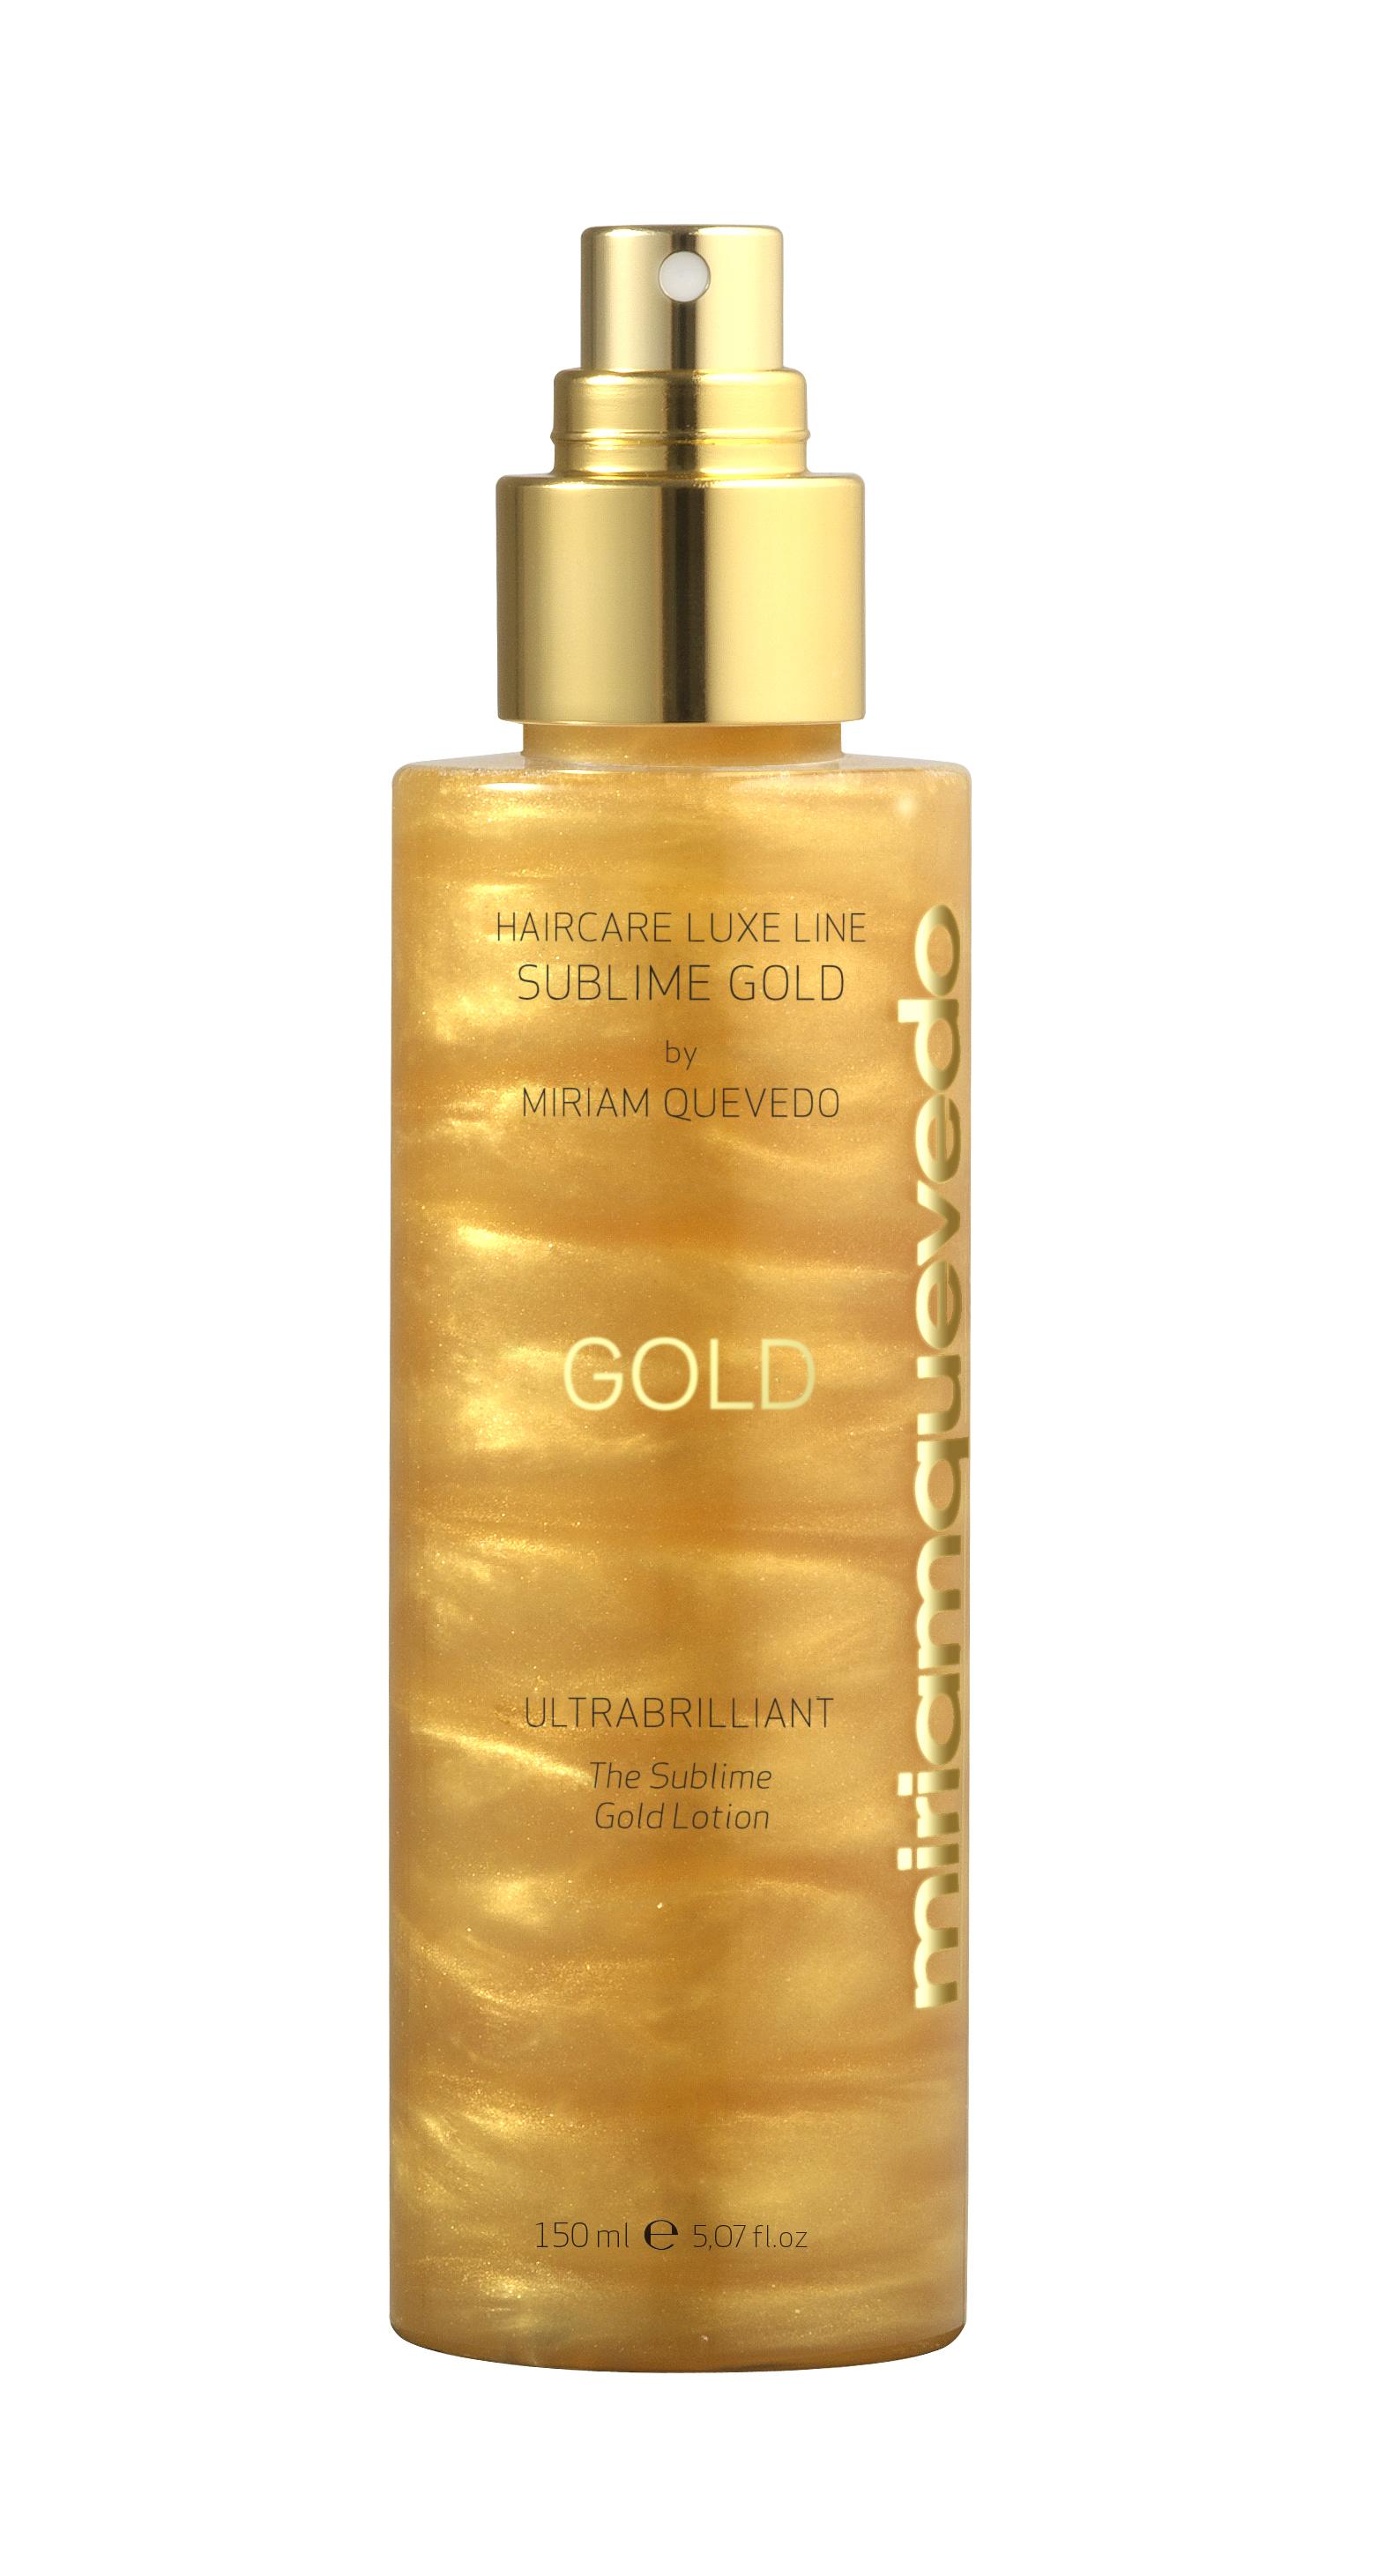 золотая линия sublime gold MIRIAM QUEVEDO Спрей-лосьон для ультра блеска Золотой / SUBLIME GOLD 150мл